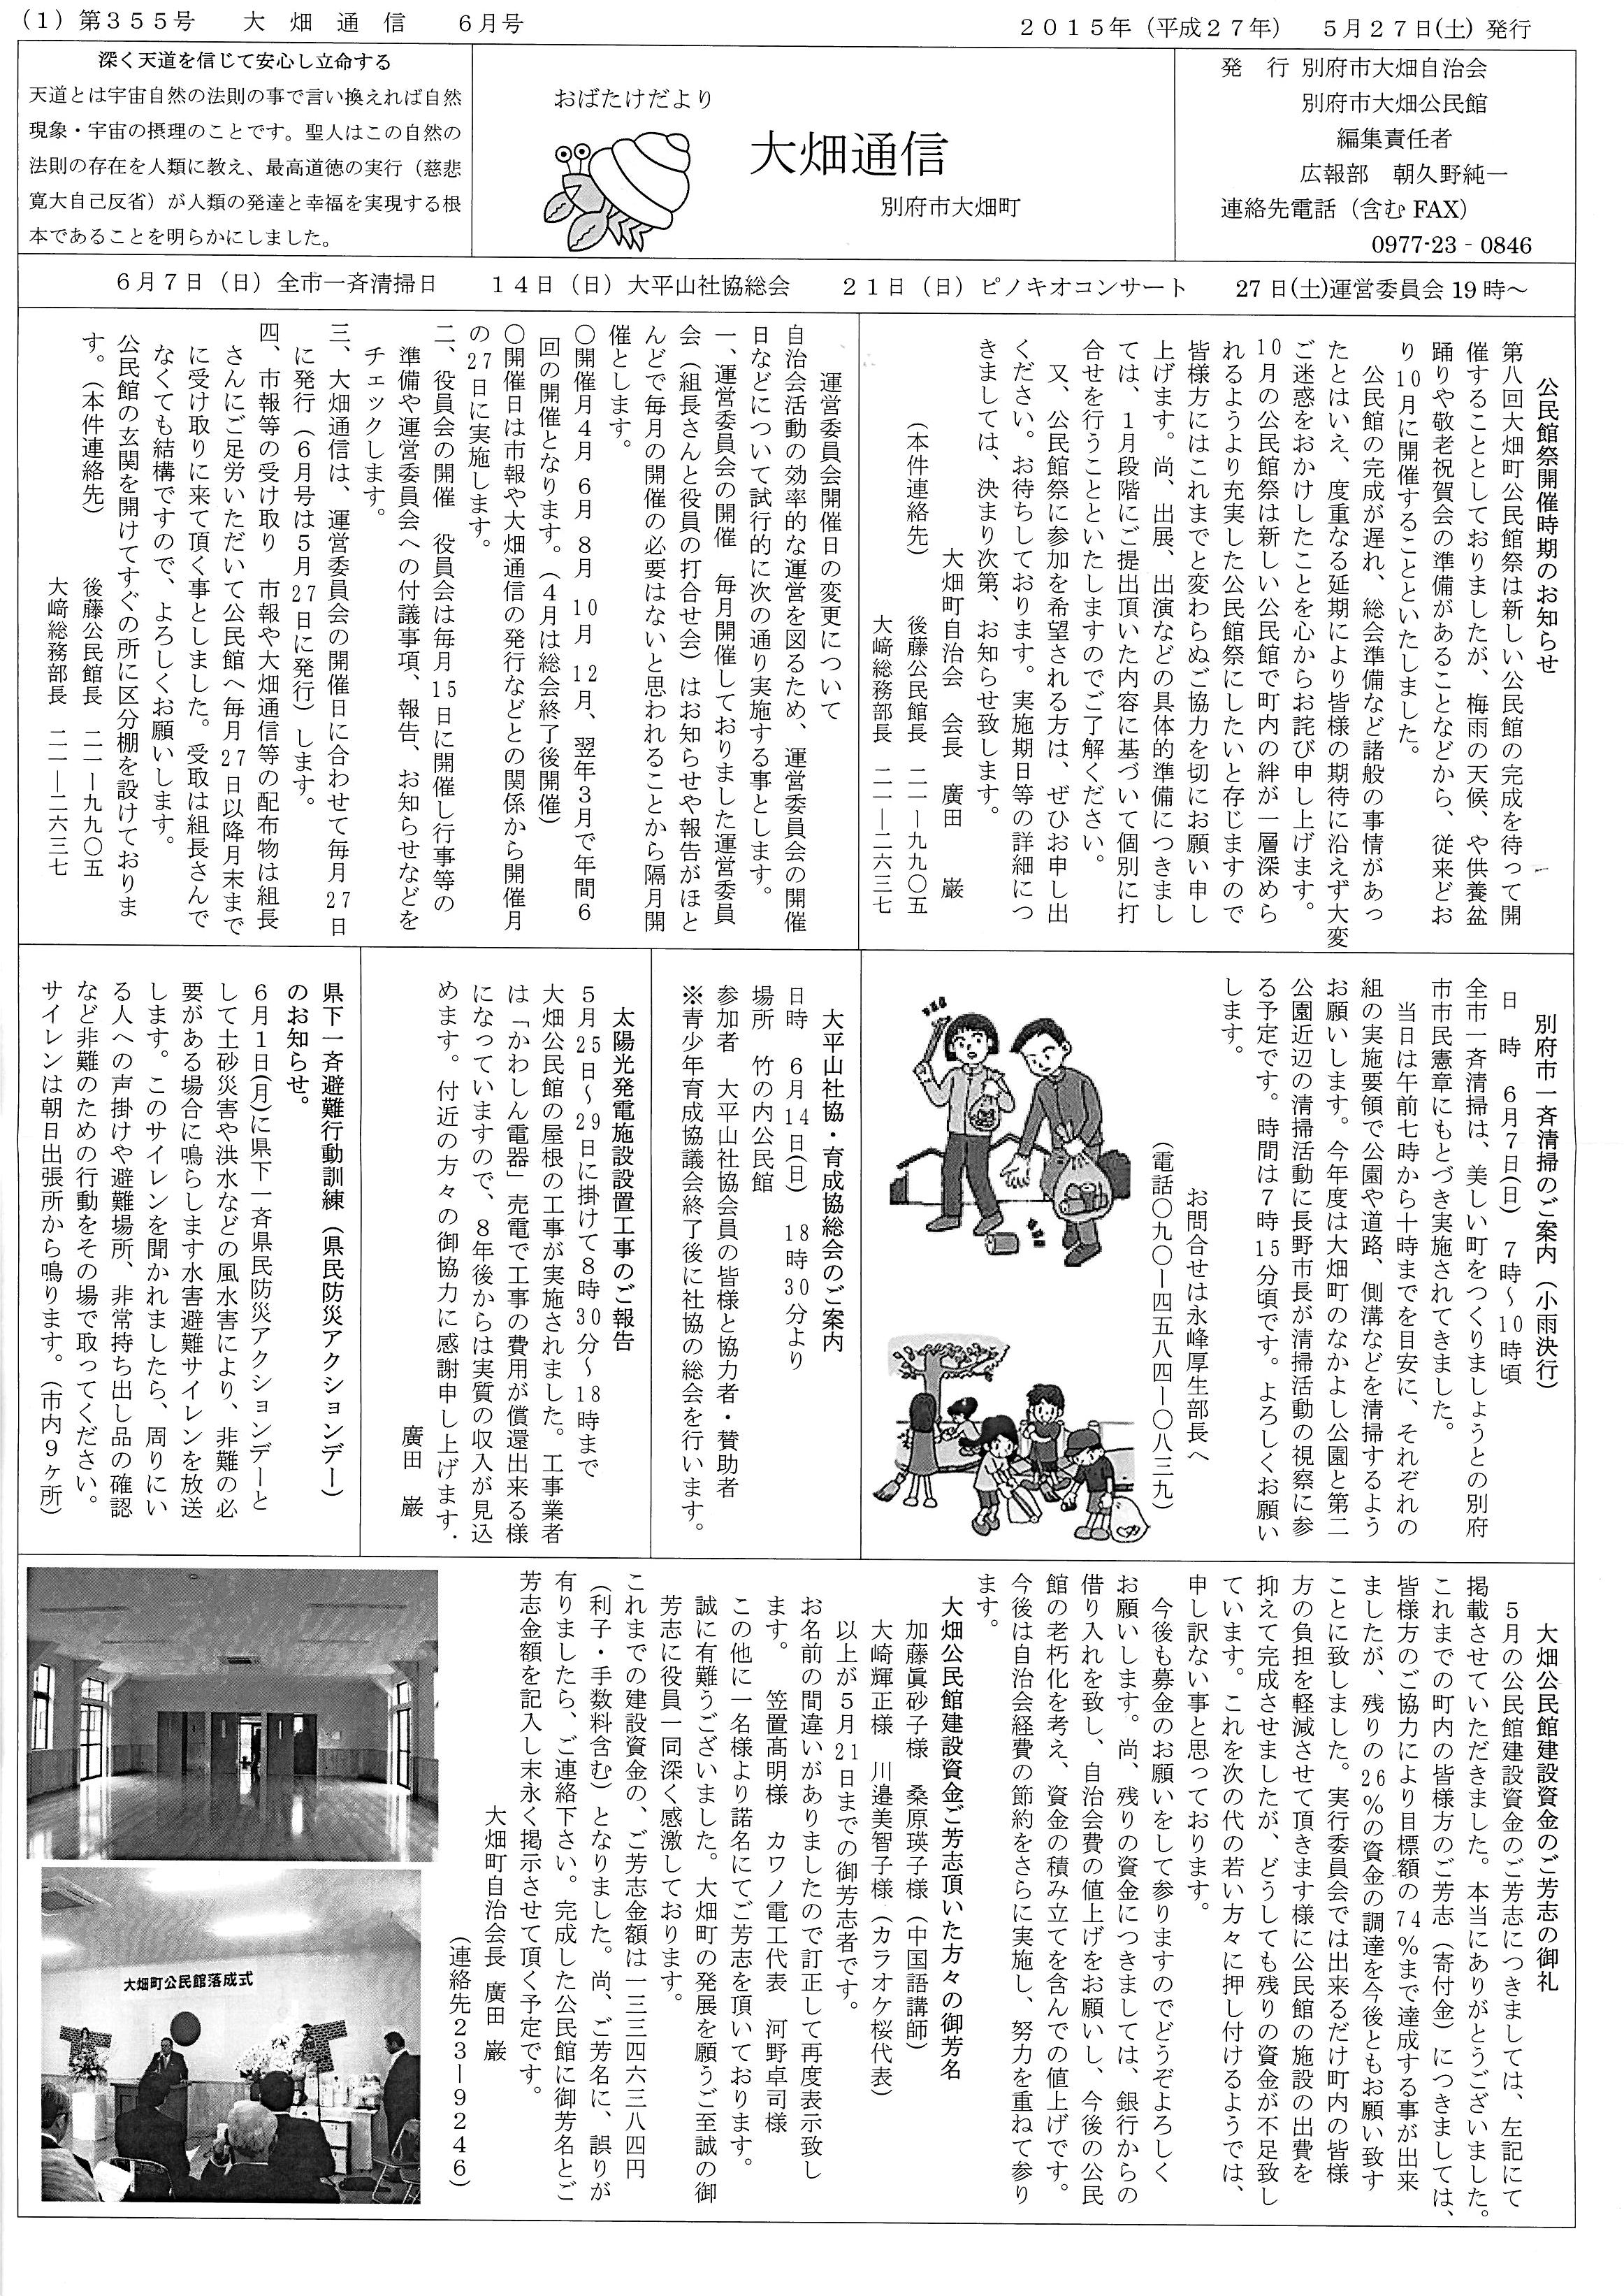 obatake2015_06_01